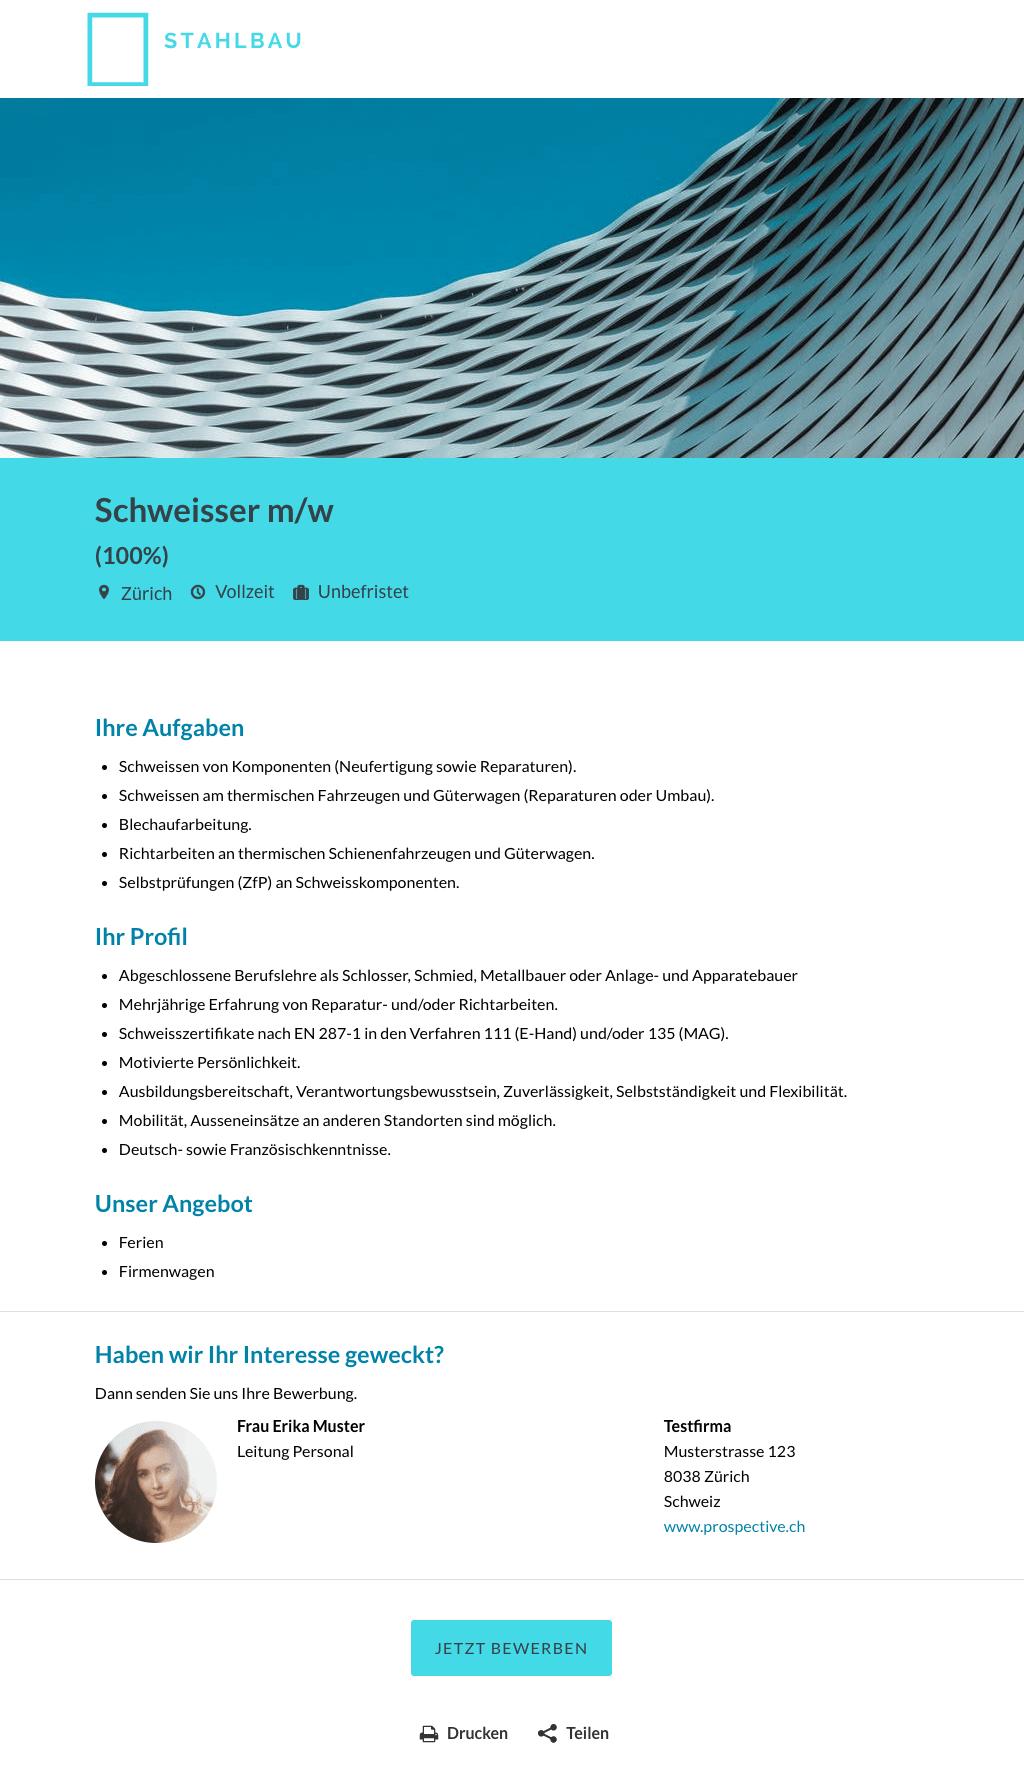 RecruitingHUB-Stelleninserat-Beispiel-3